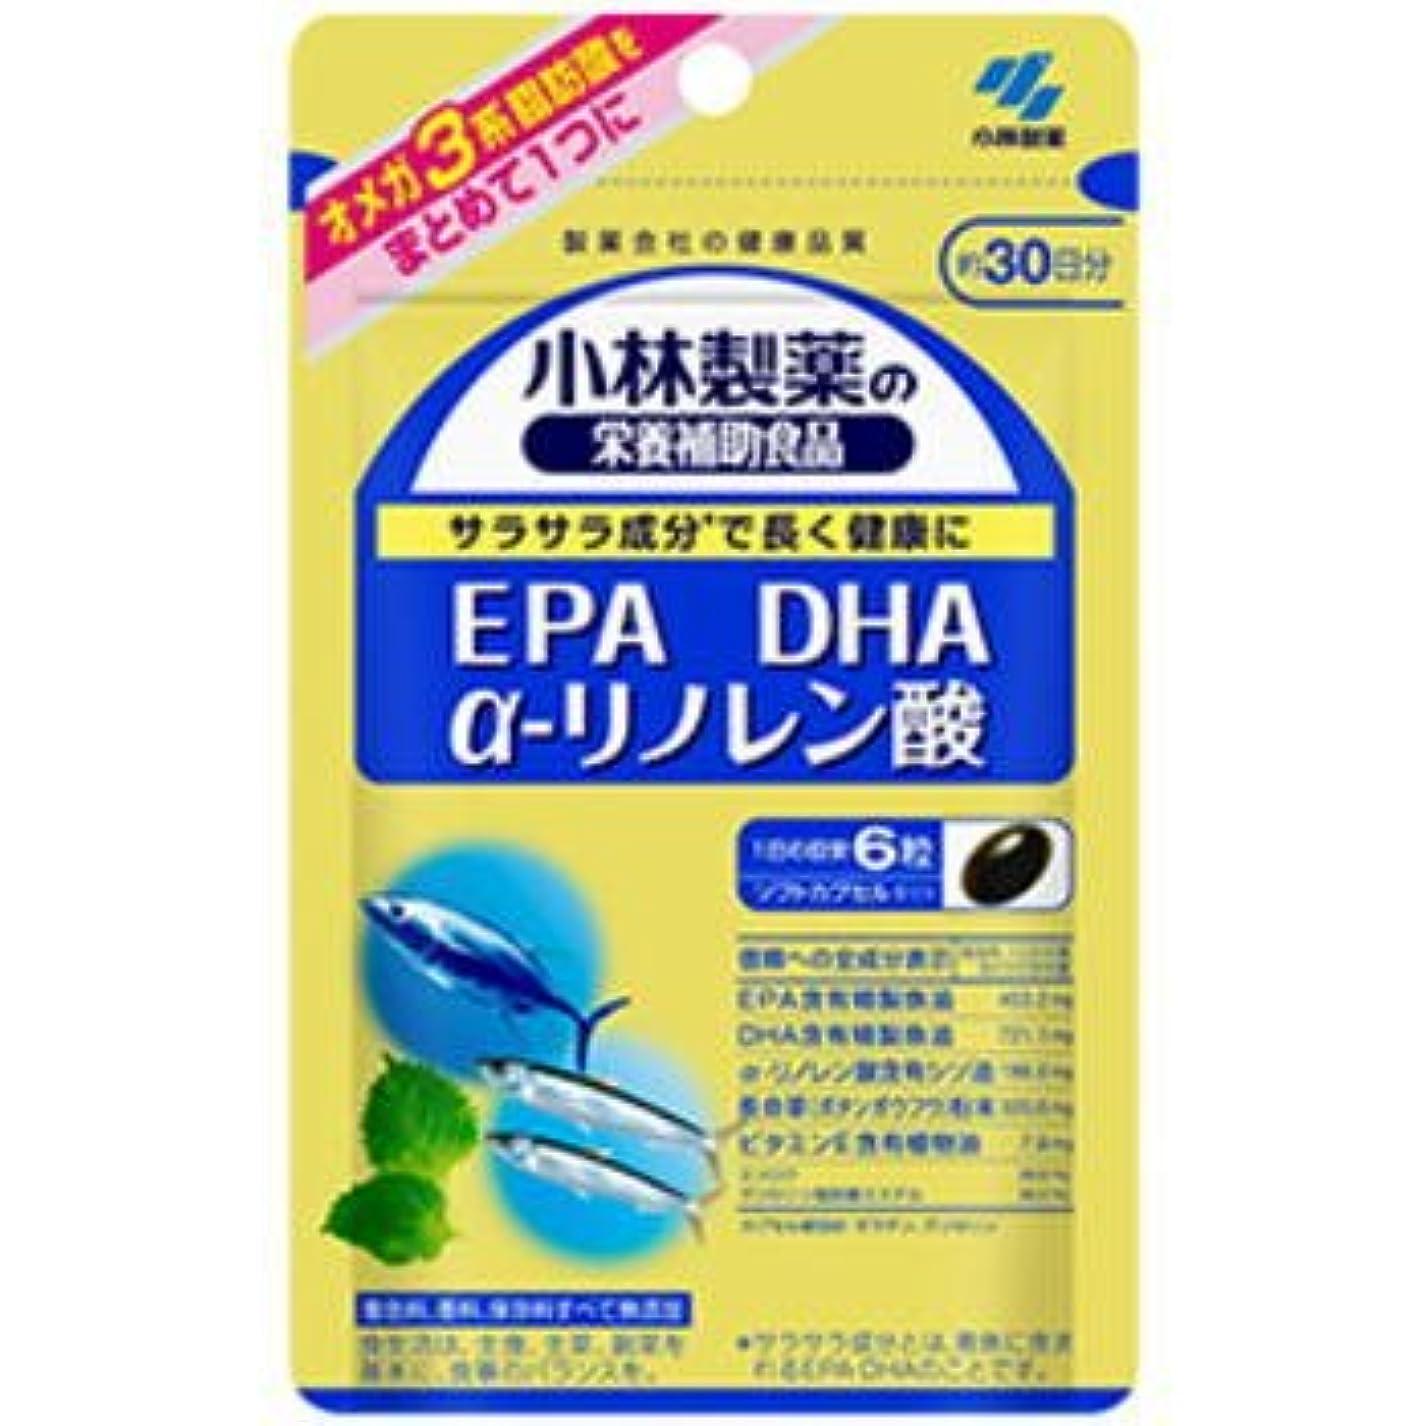 欺暖かくサスペンション小林製薬 EPA DHA α-リノレン酸 180粒【ネコポス発送】